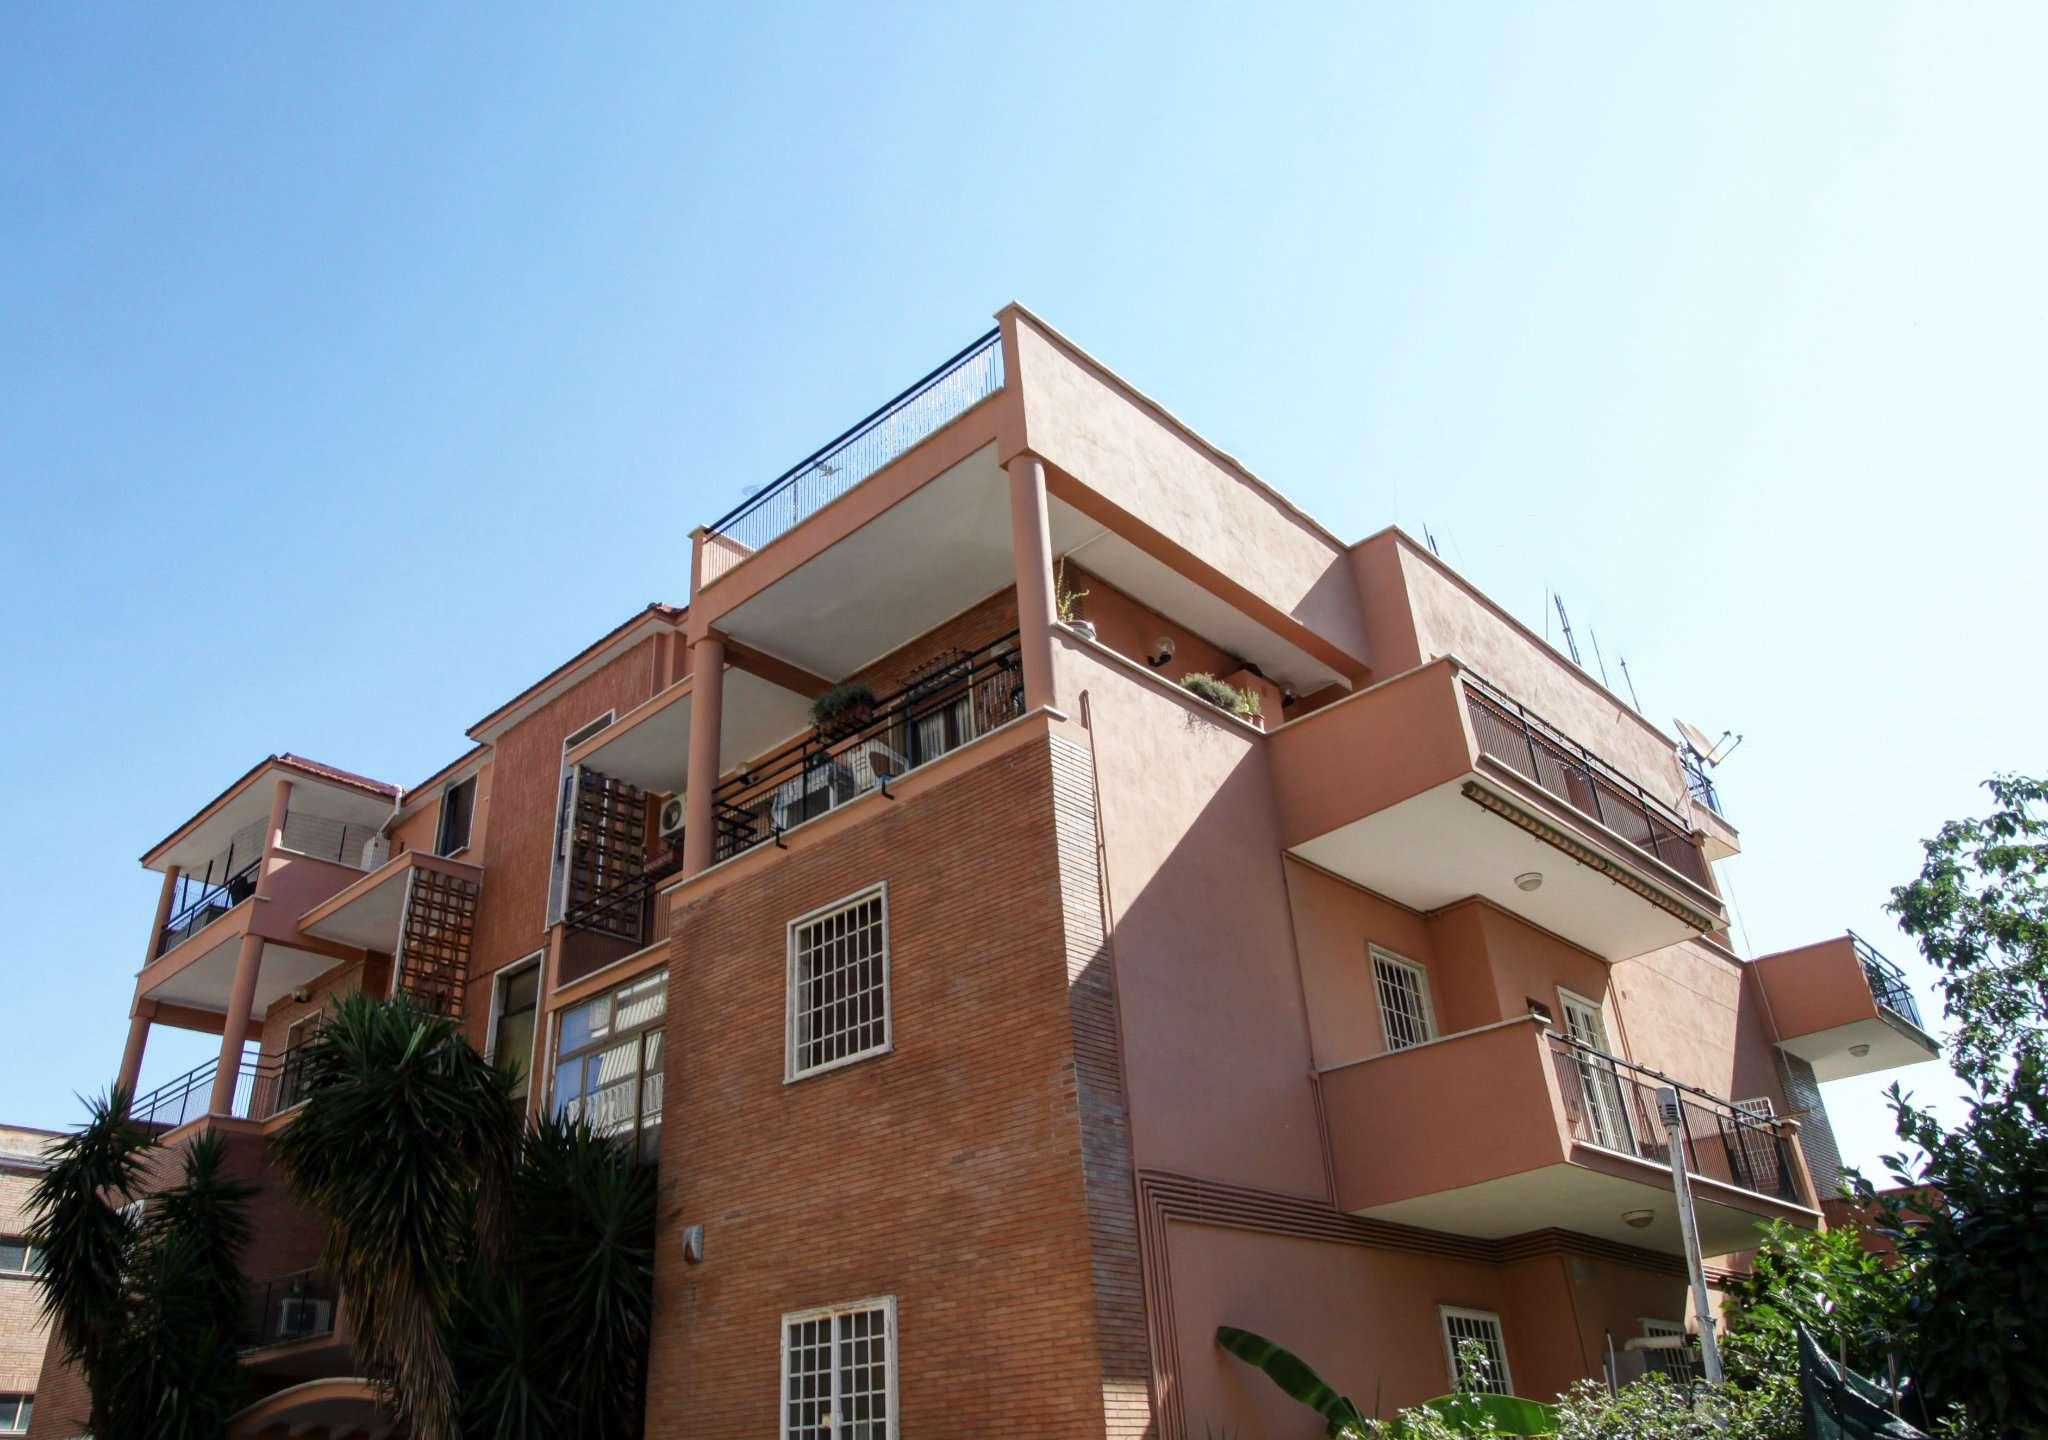 Appartamento in vendita 5 vani 200 mq.  via Montefiorino Roma